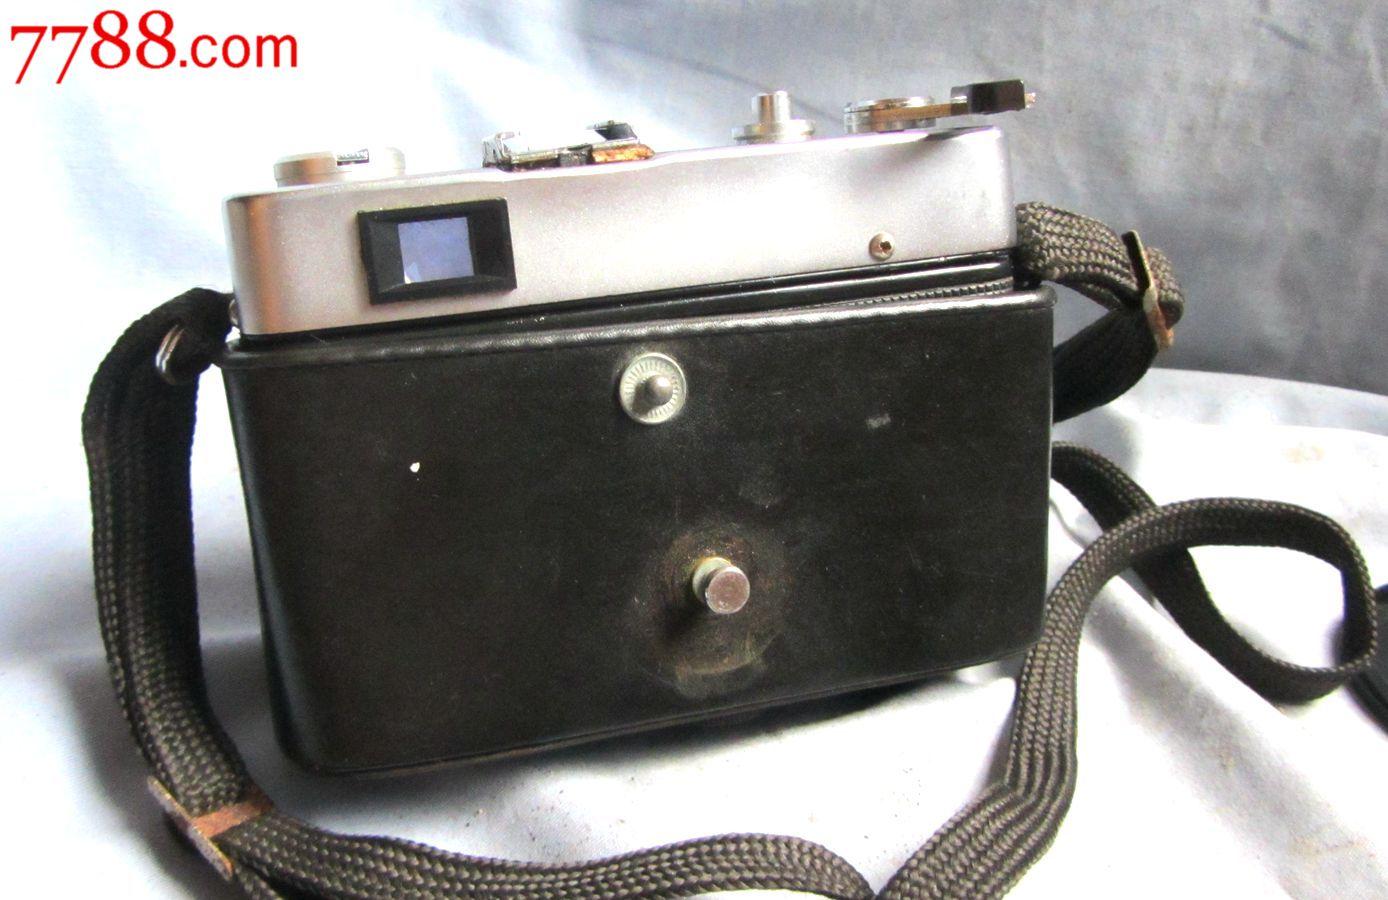 华夏823照相机,取景框玻璃烂